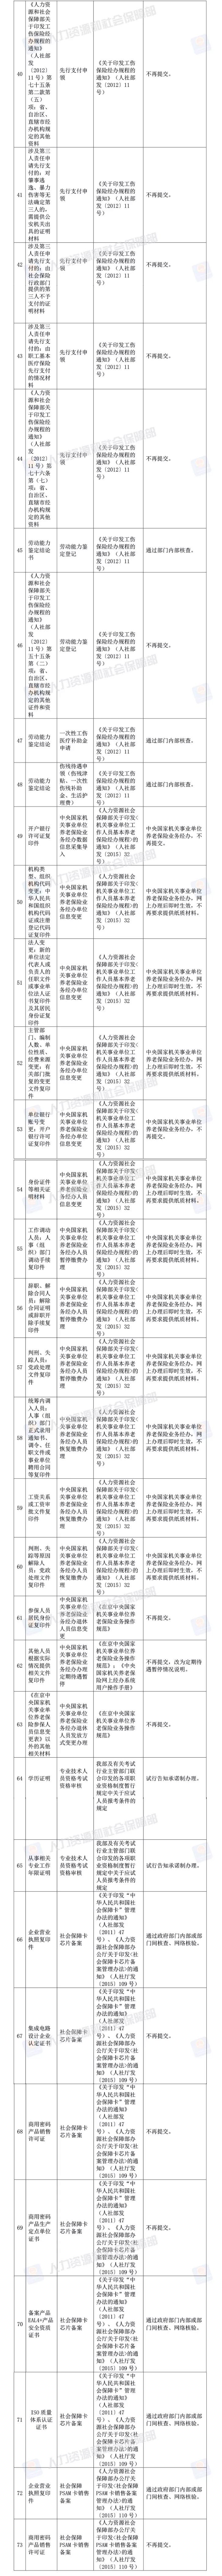 便民!人社部决定取消73项由规范性文件设定的证明材料